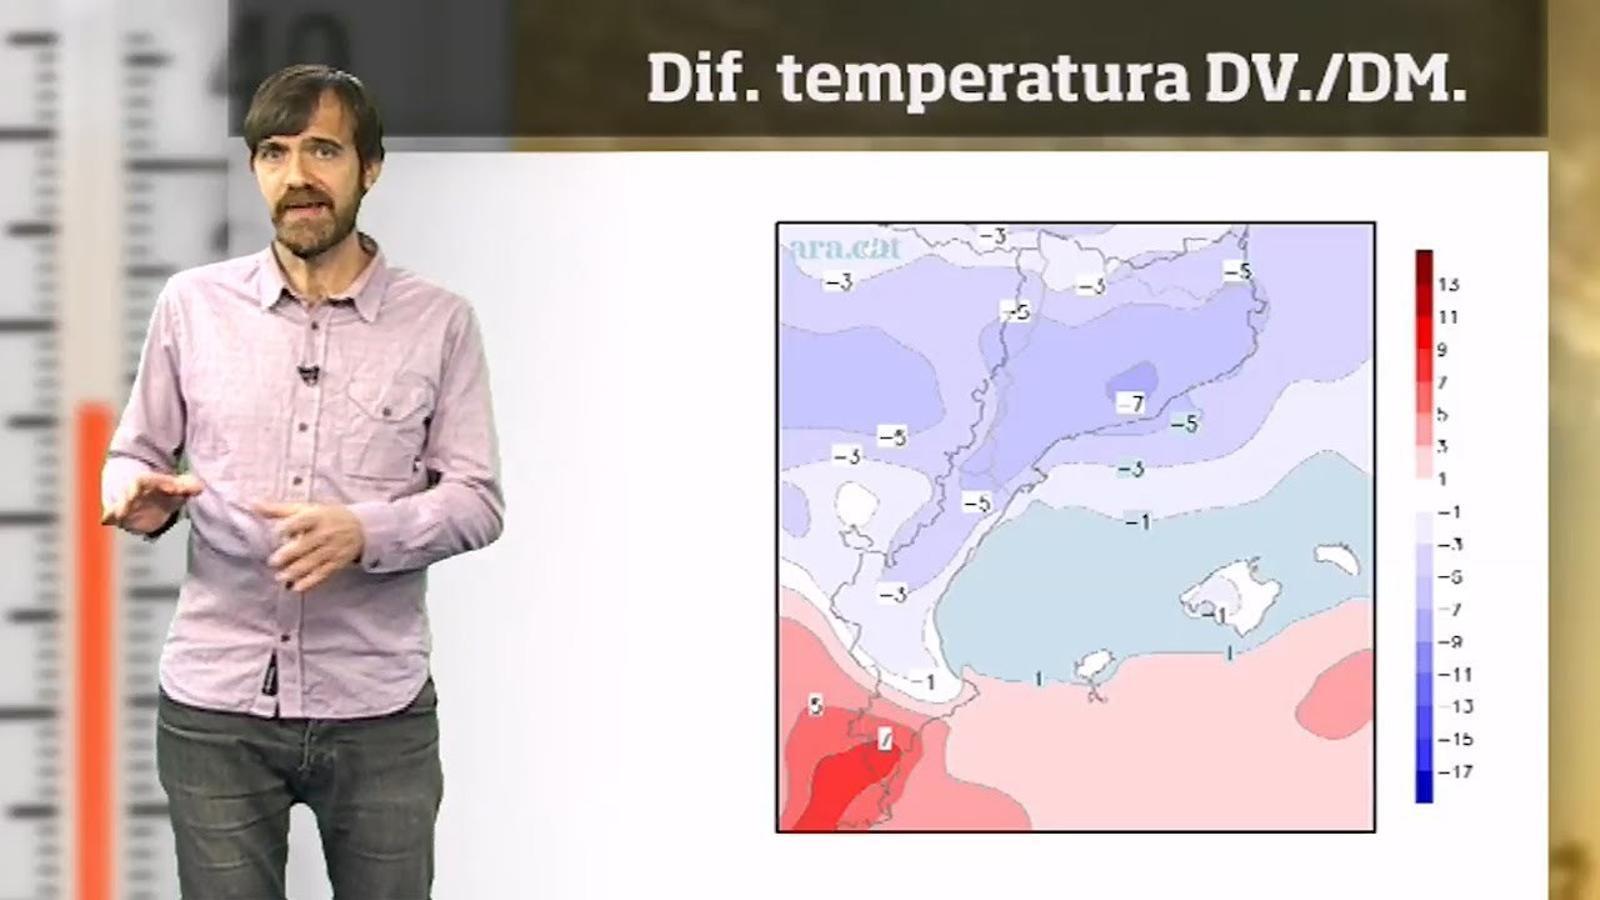 Méteo especial: el fred siberià i una borrasca provocaran una nevada general la setmana que ve